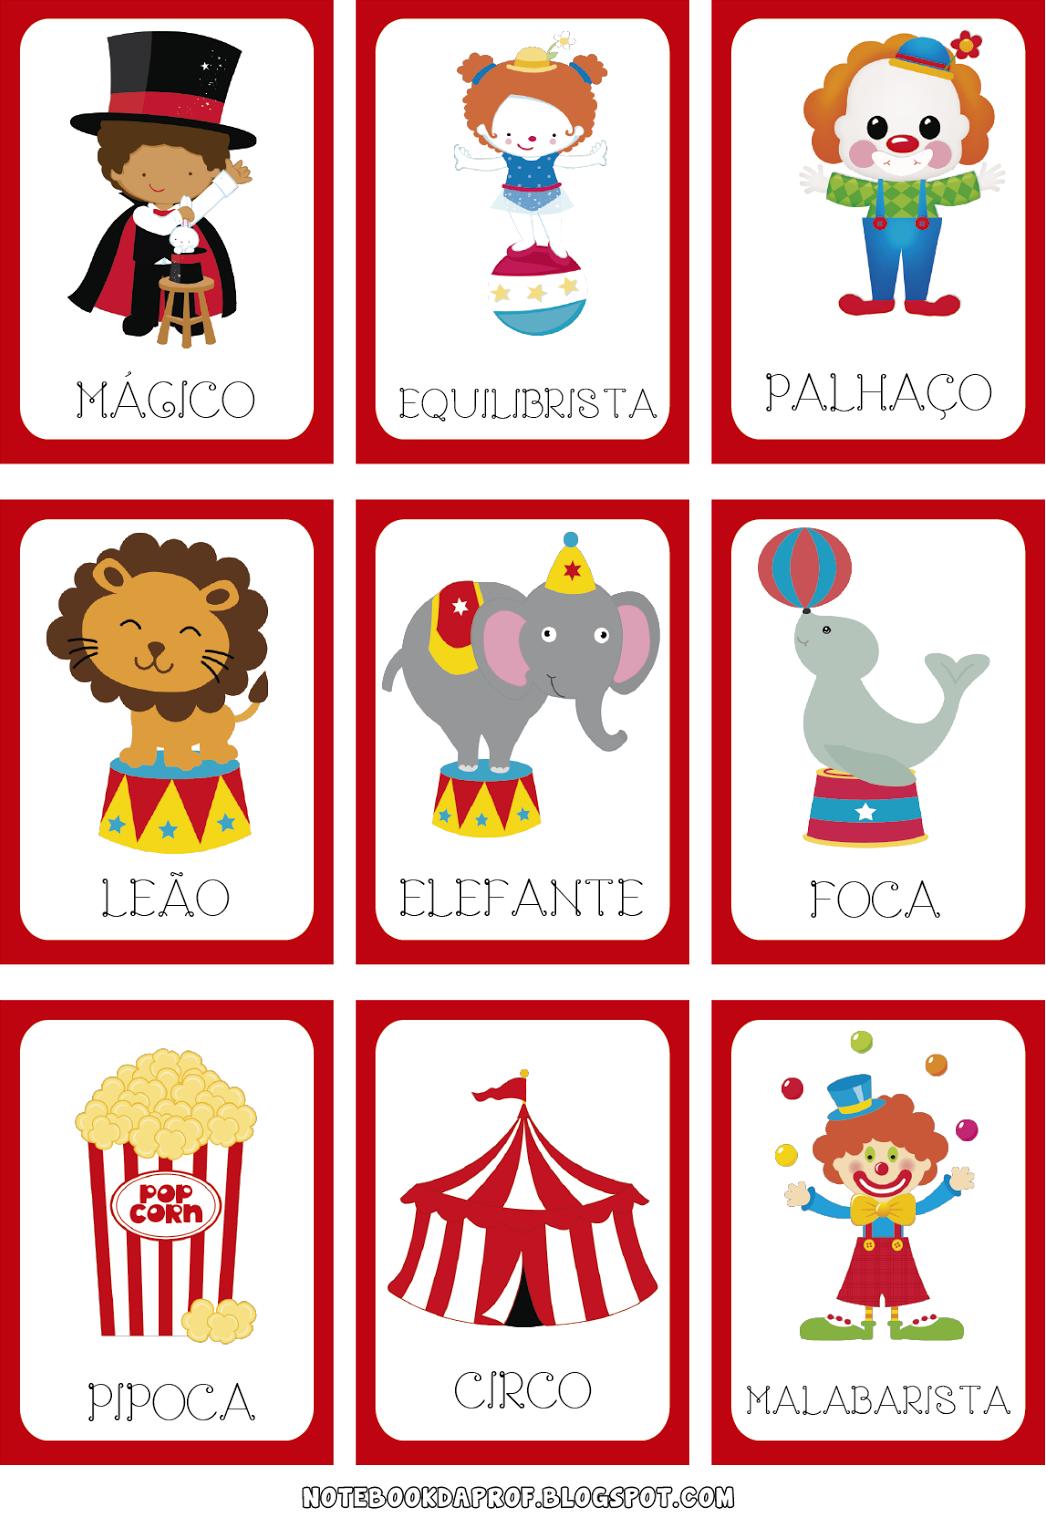 Jogo da Memória para o Dia do Circo